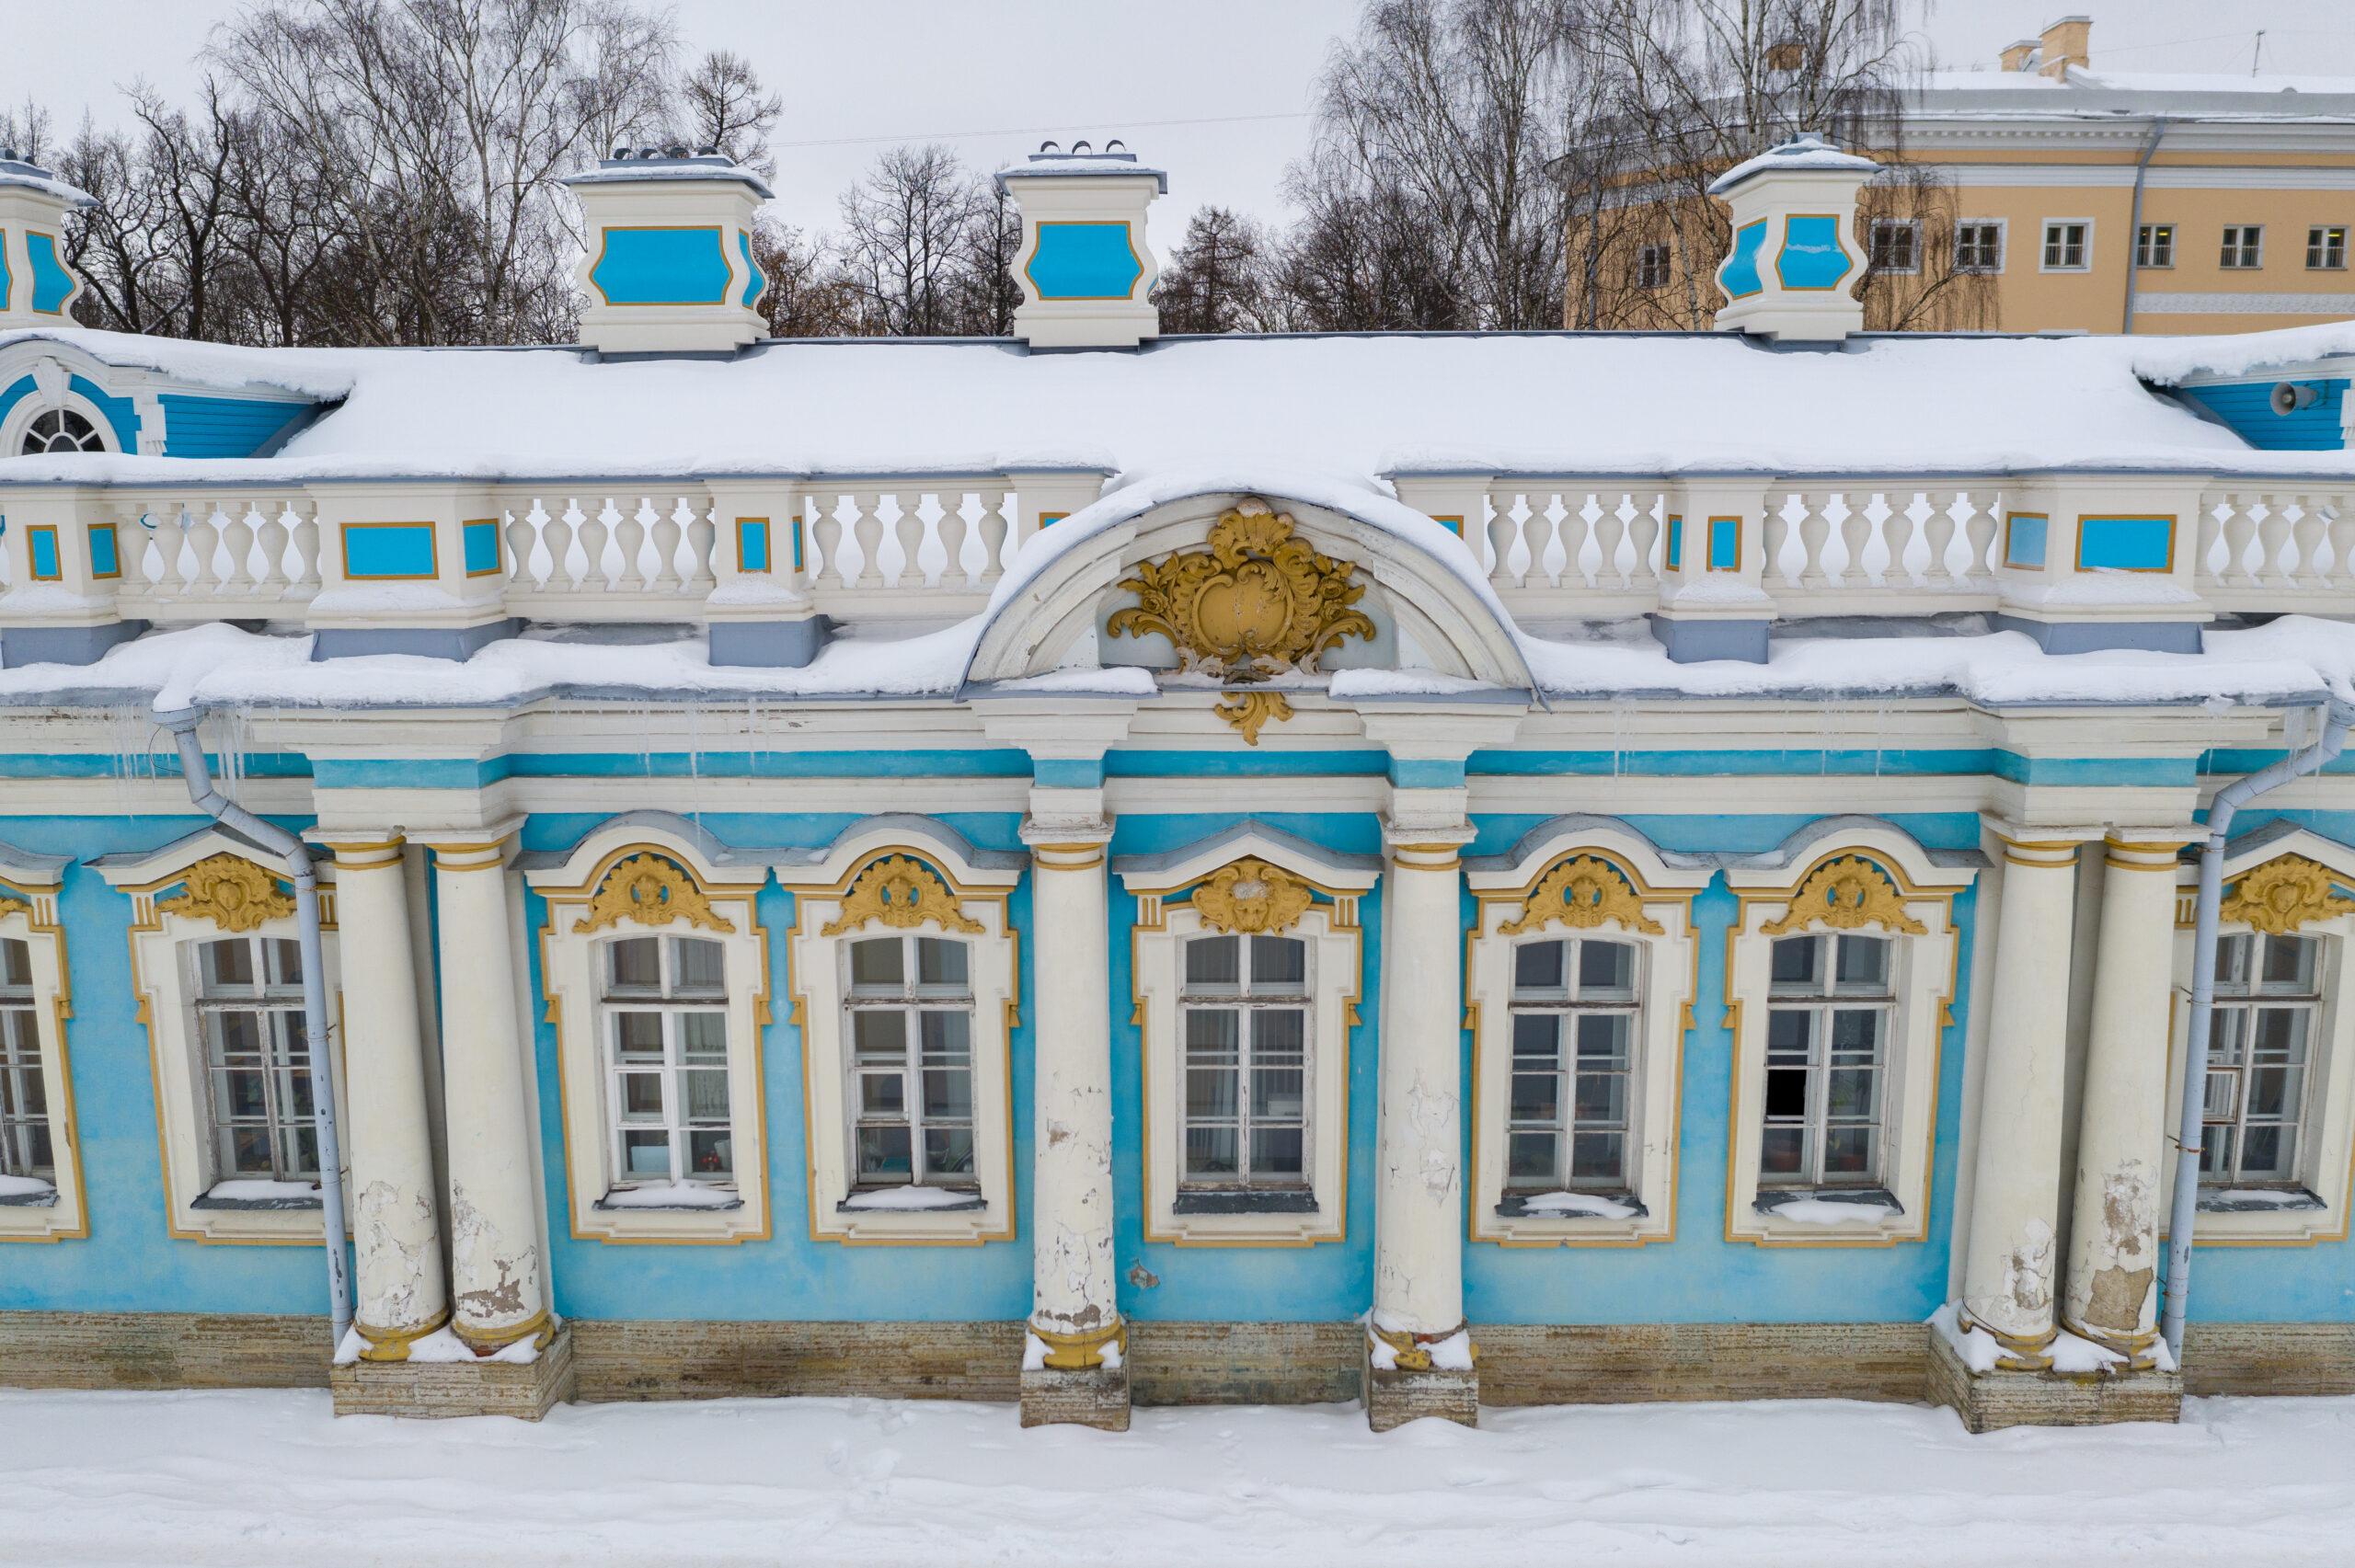 Фотография объекта - Екатерининский дворец в Пушкине